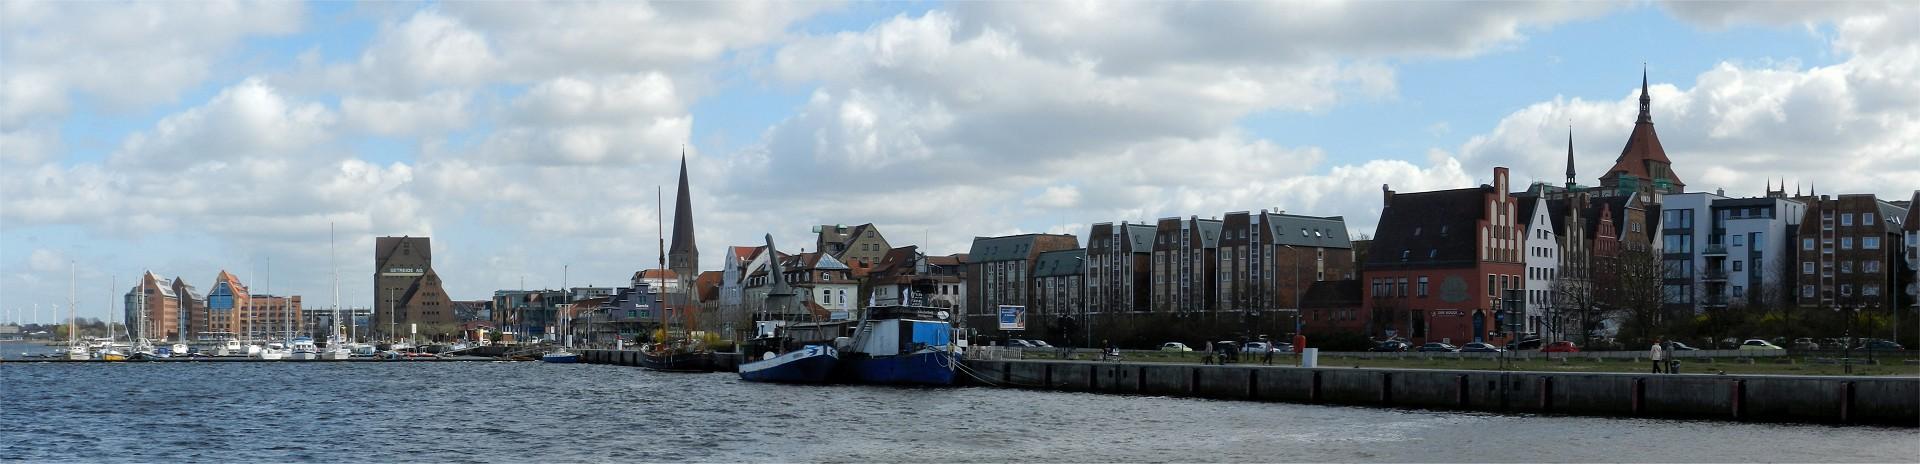 2015 M-V 35 Rostock paorama